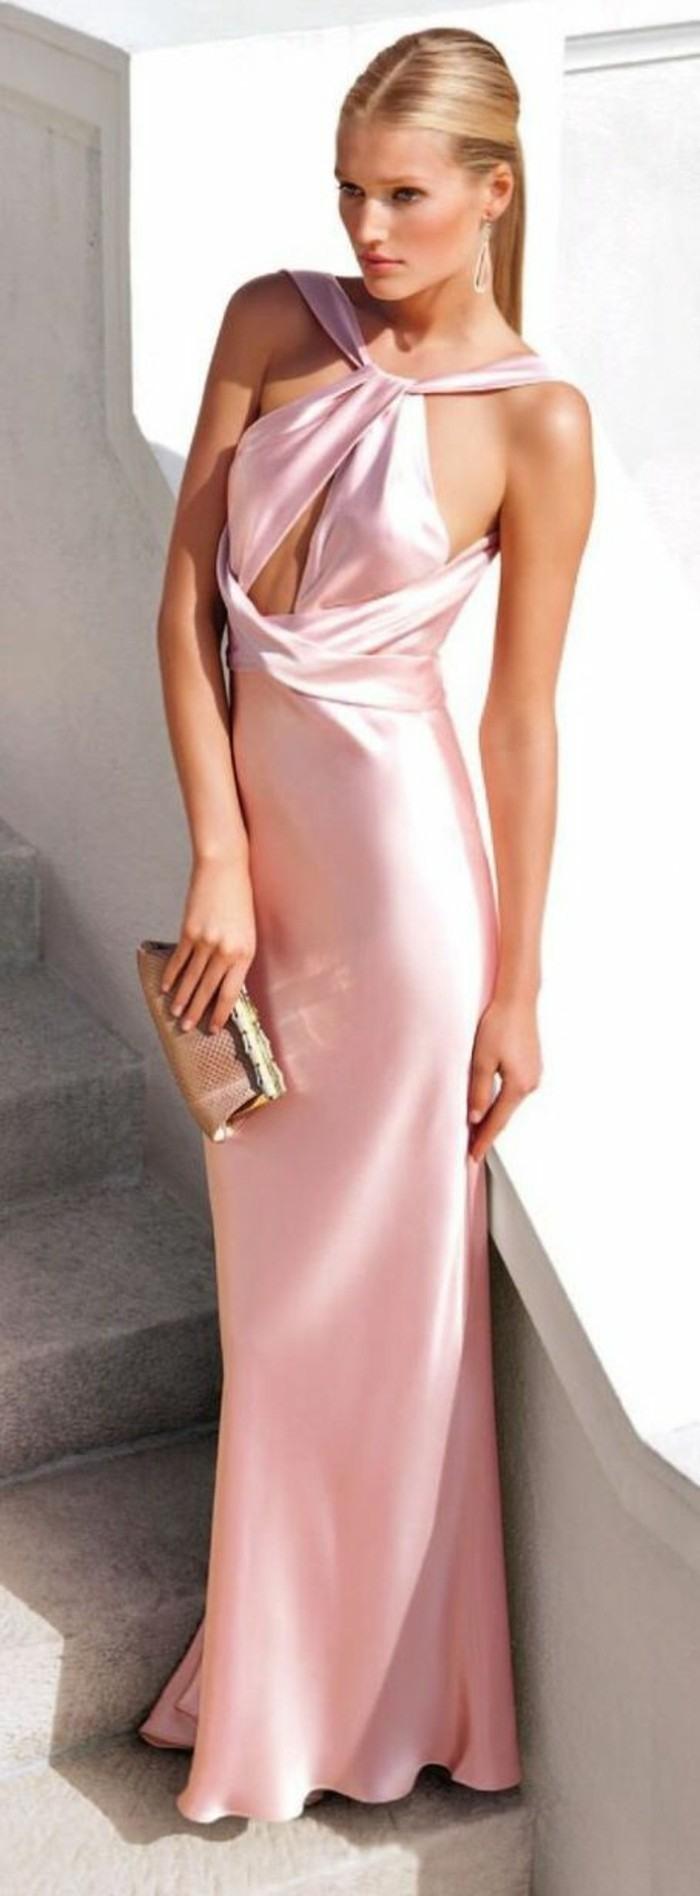 15 Ausgezeichnet Besondere Kleider Für Hochzeitsgäste Ärmel17 Fantastisch Besondere Kleider Für Hochzeitsgäste für 2019